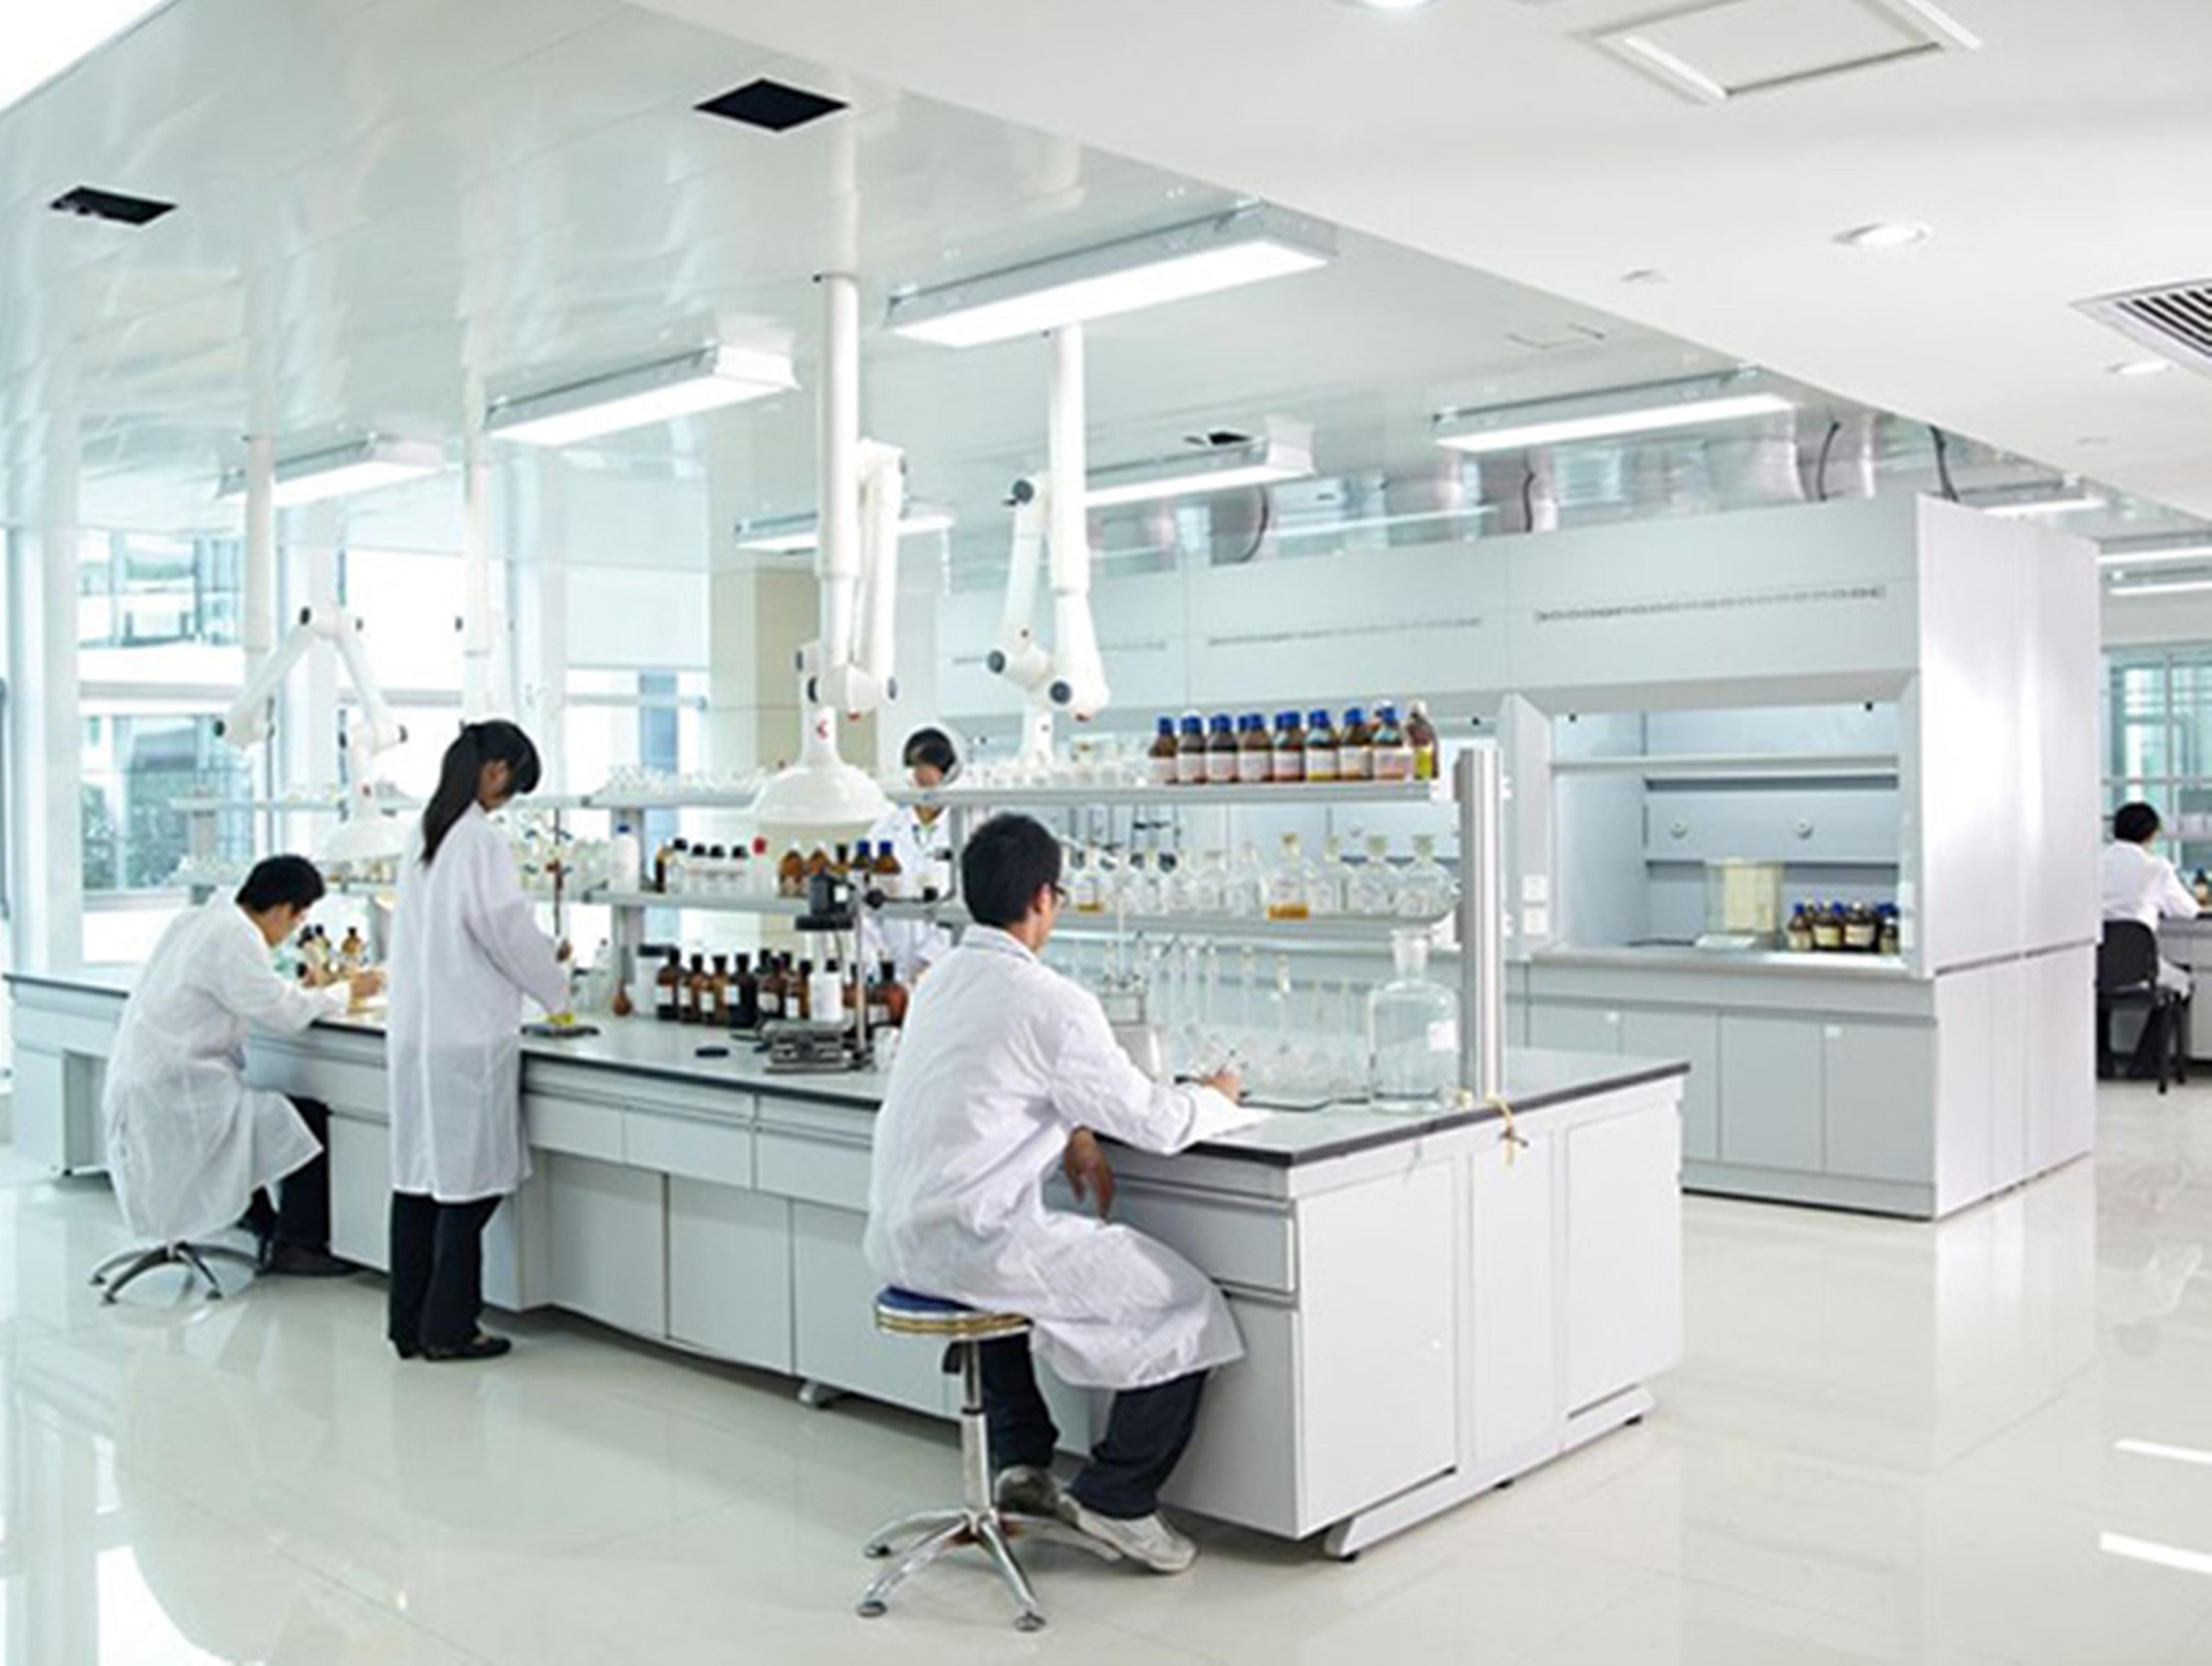 上海浦奥消防科技集团研发实验室